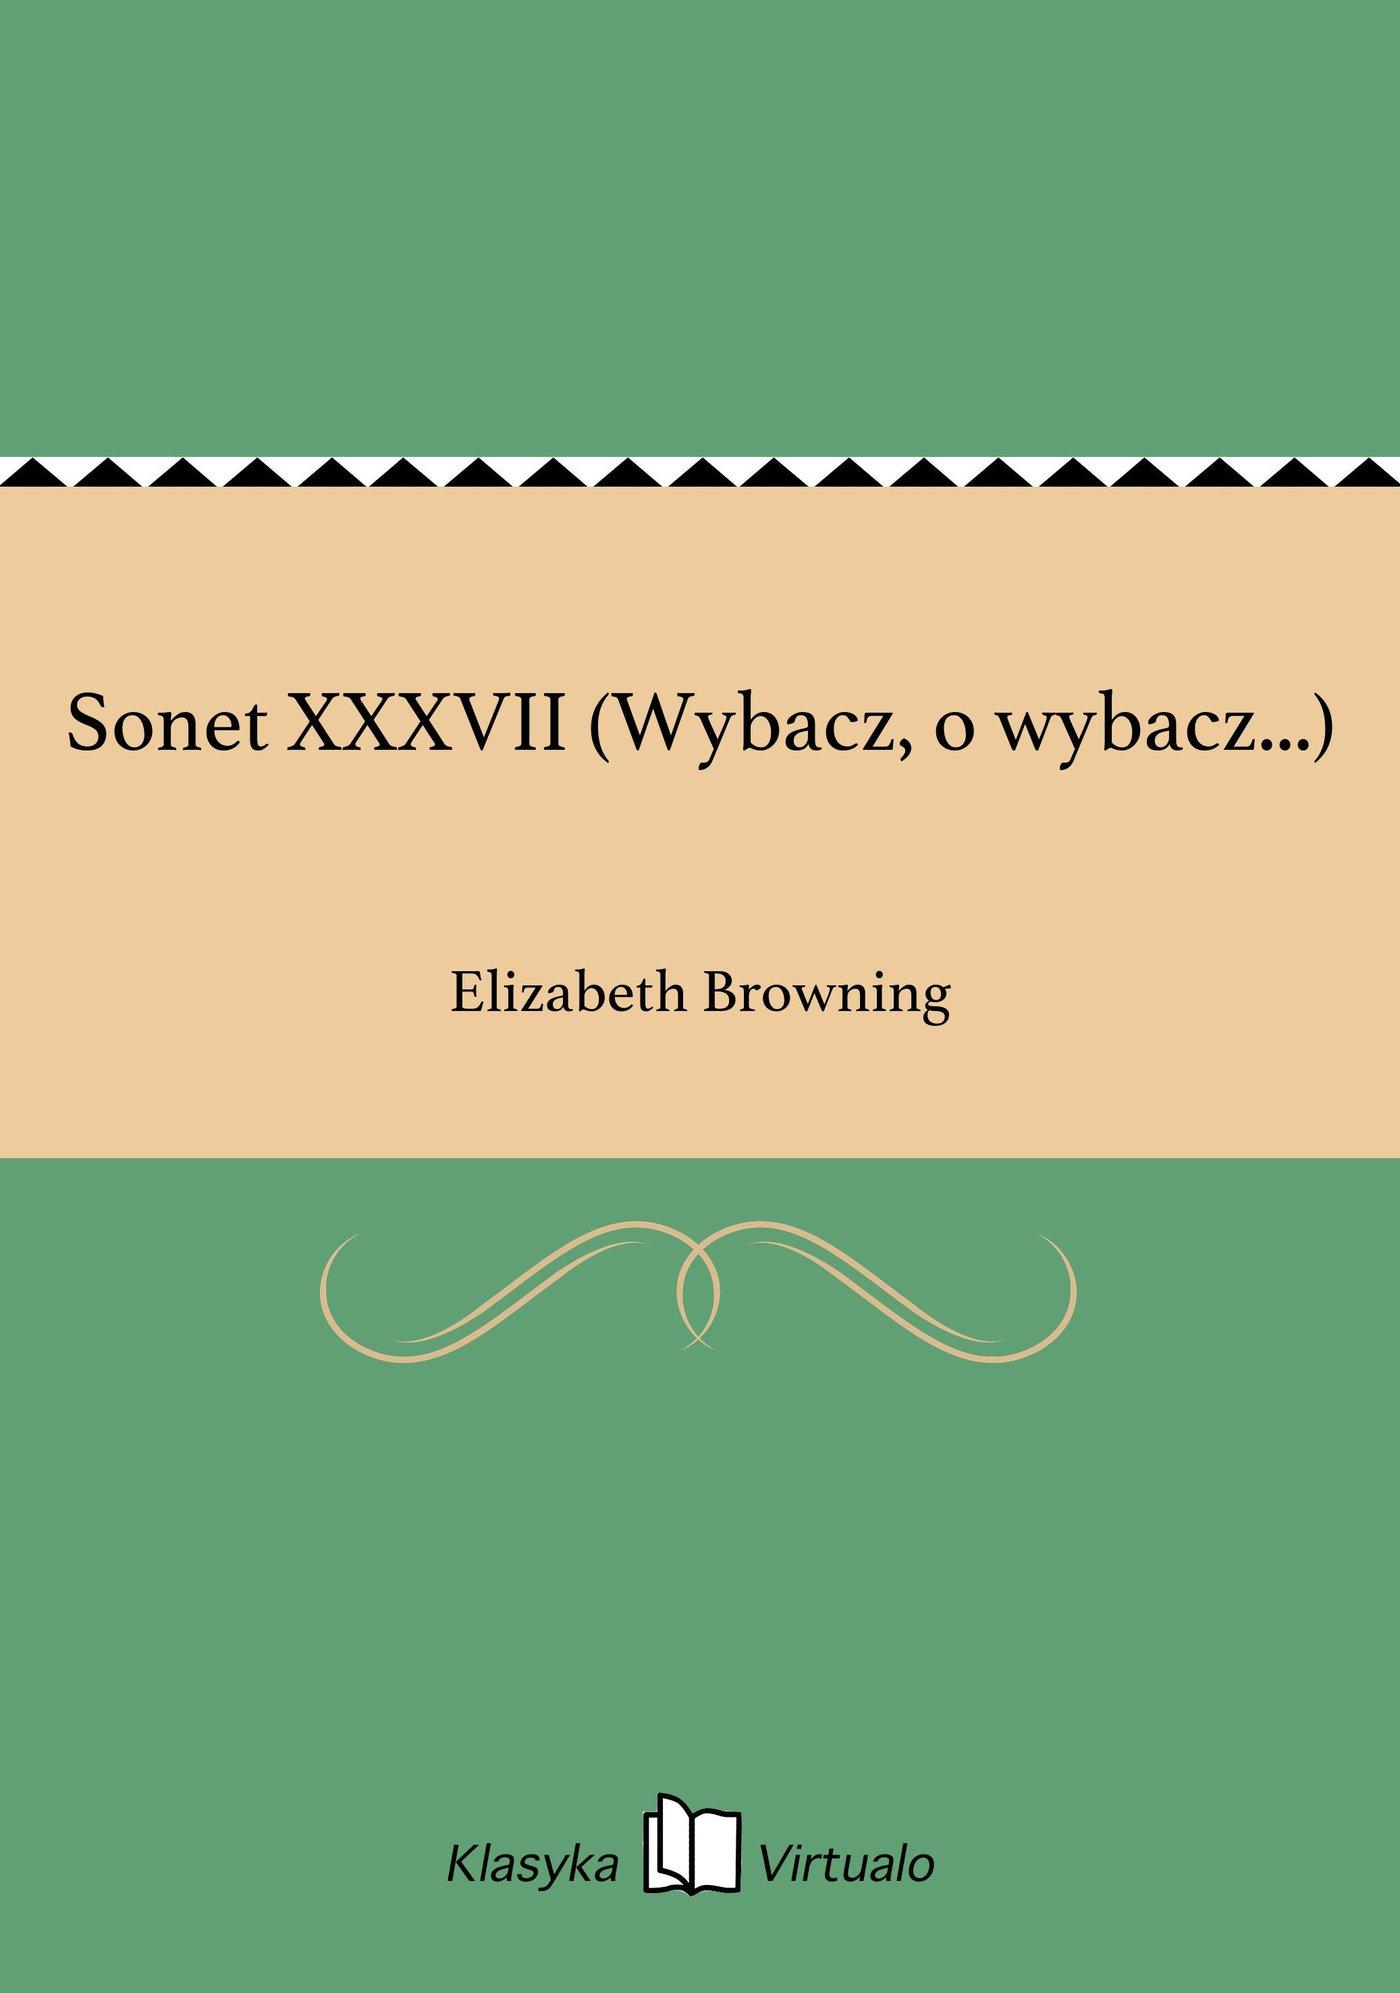 Sonet XXXVII (Wybacz, o wybacz...) - Ebook (Książka EPUB) do pobrania w formacie EPUB